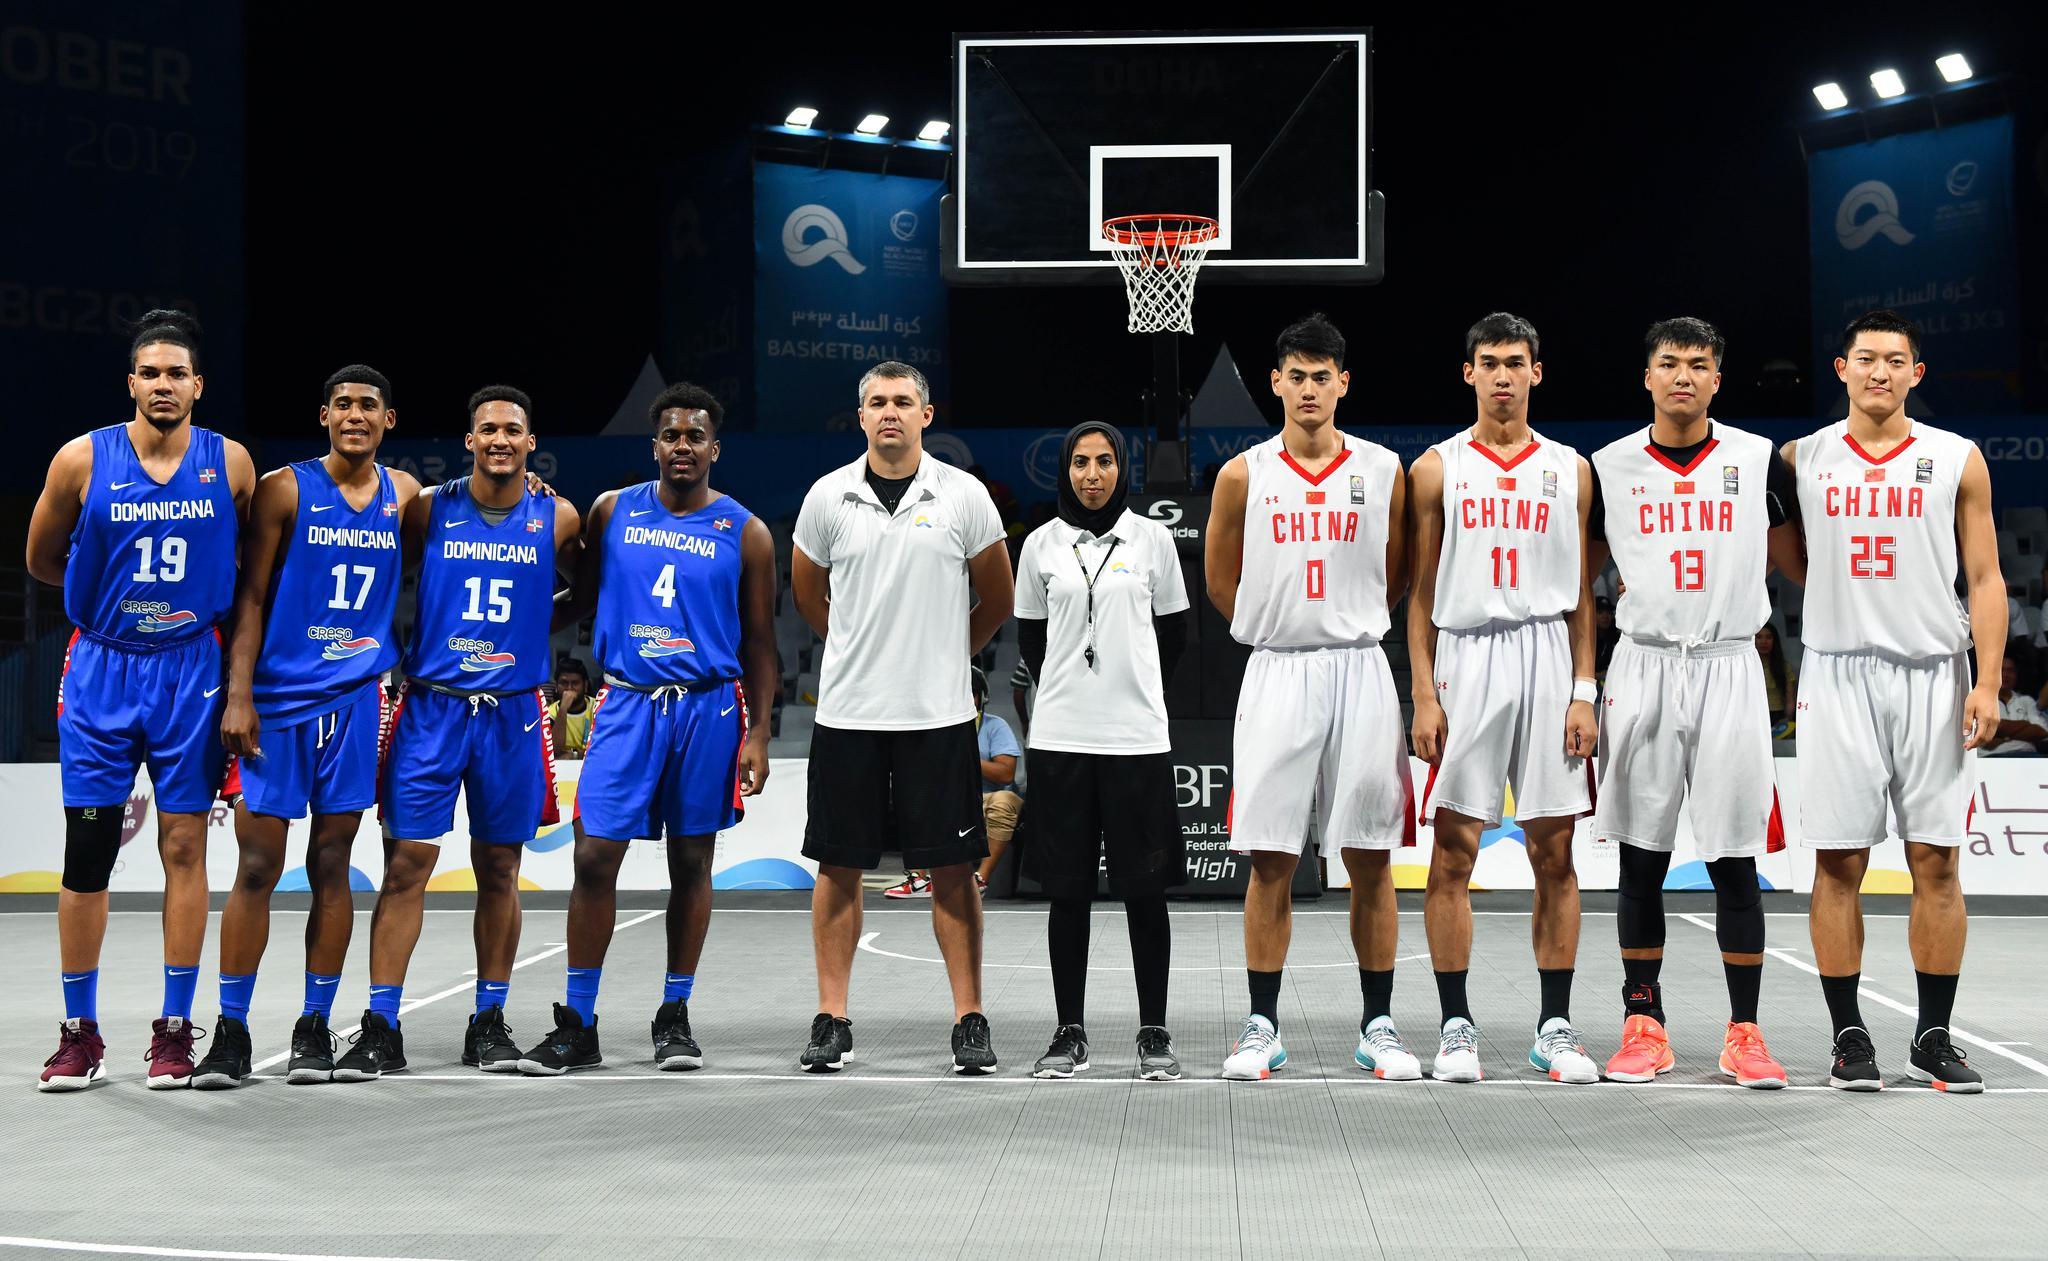 沙滩篮球——世界沙滩运动会:中国男队胜多米尼加男队